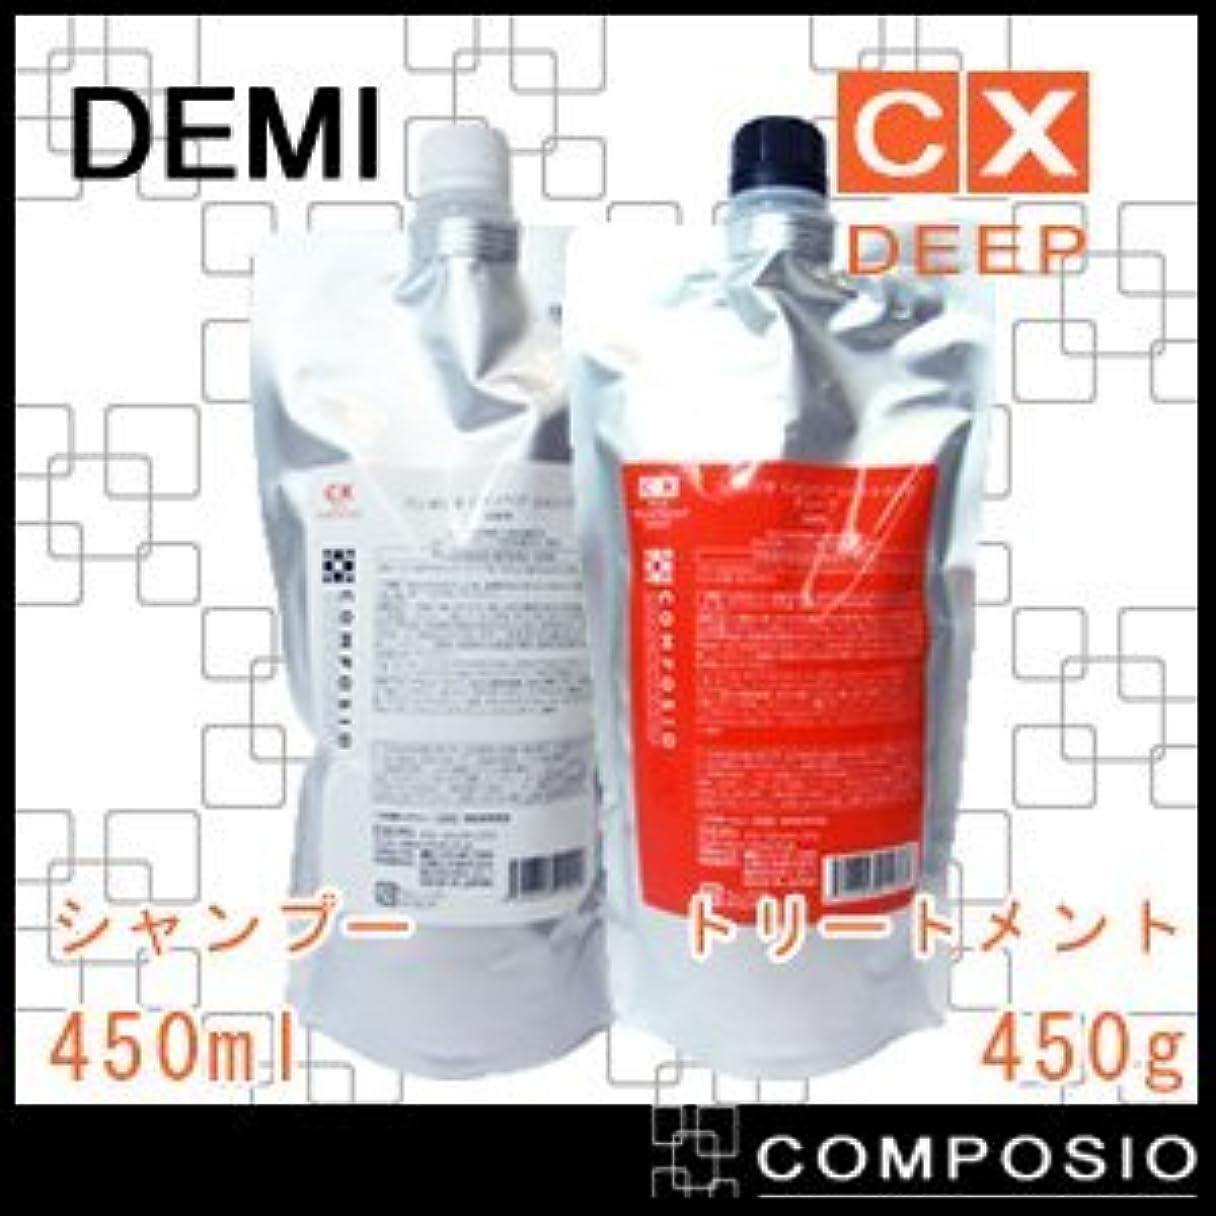 開発感染するせがむデミ コンポジオ CXリペアシャンプー&トリートメント ディープ 詰替 450ml,450g